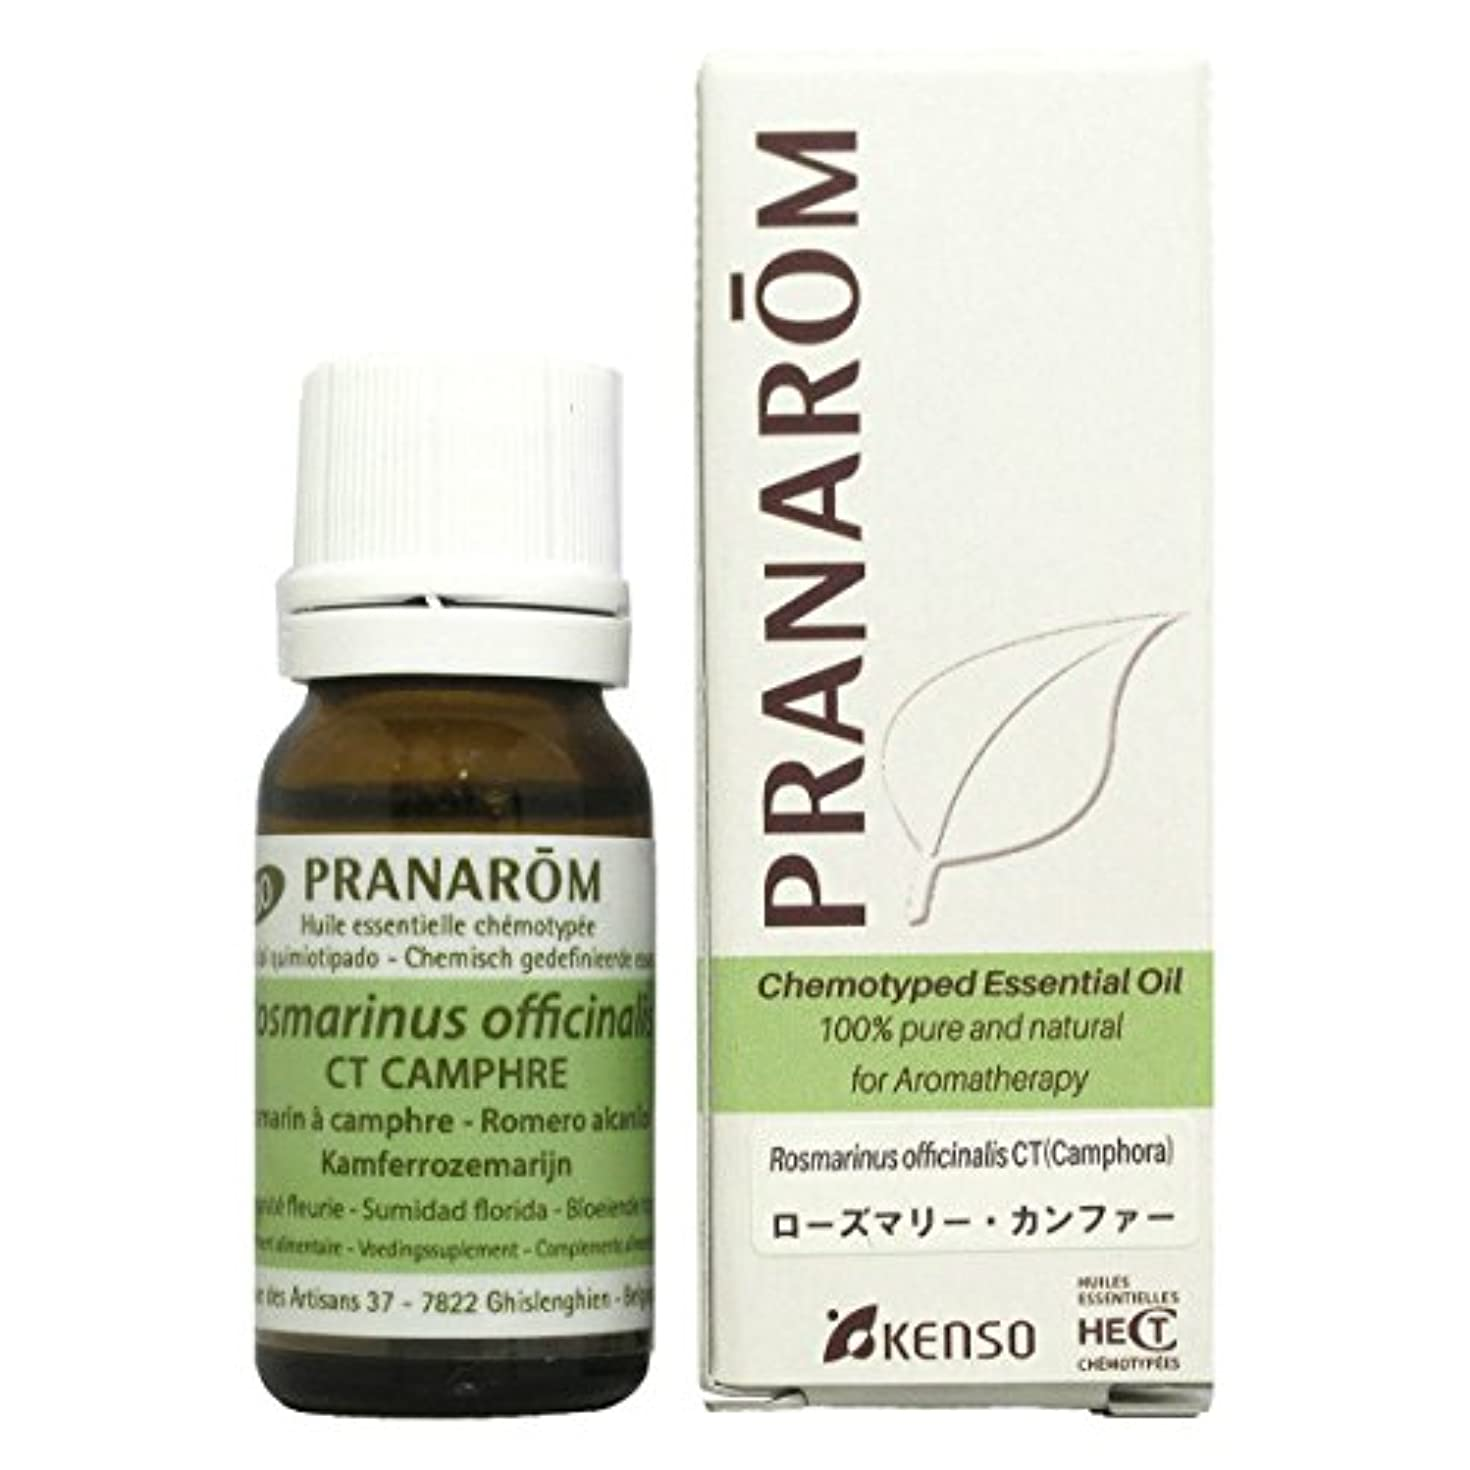 人気の素人使い込むプラナロム ローズマリーカンファー 10ml (PRANAROM ケモタイプ精油)